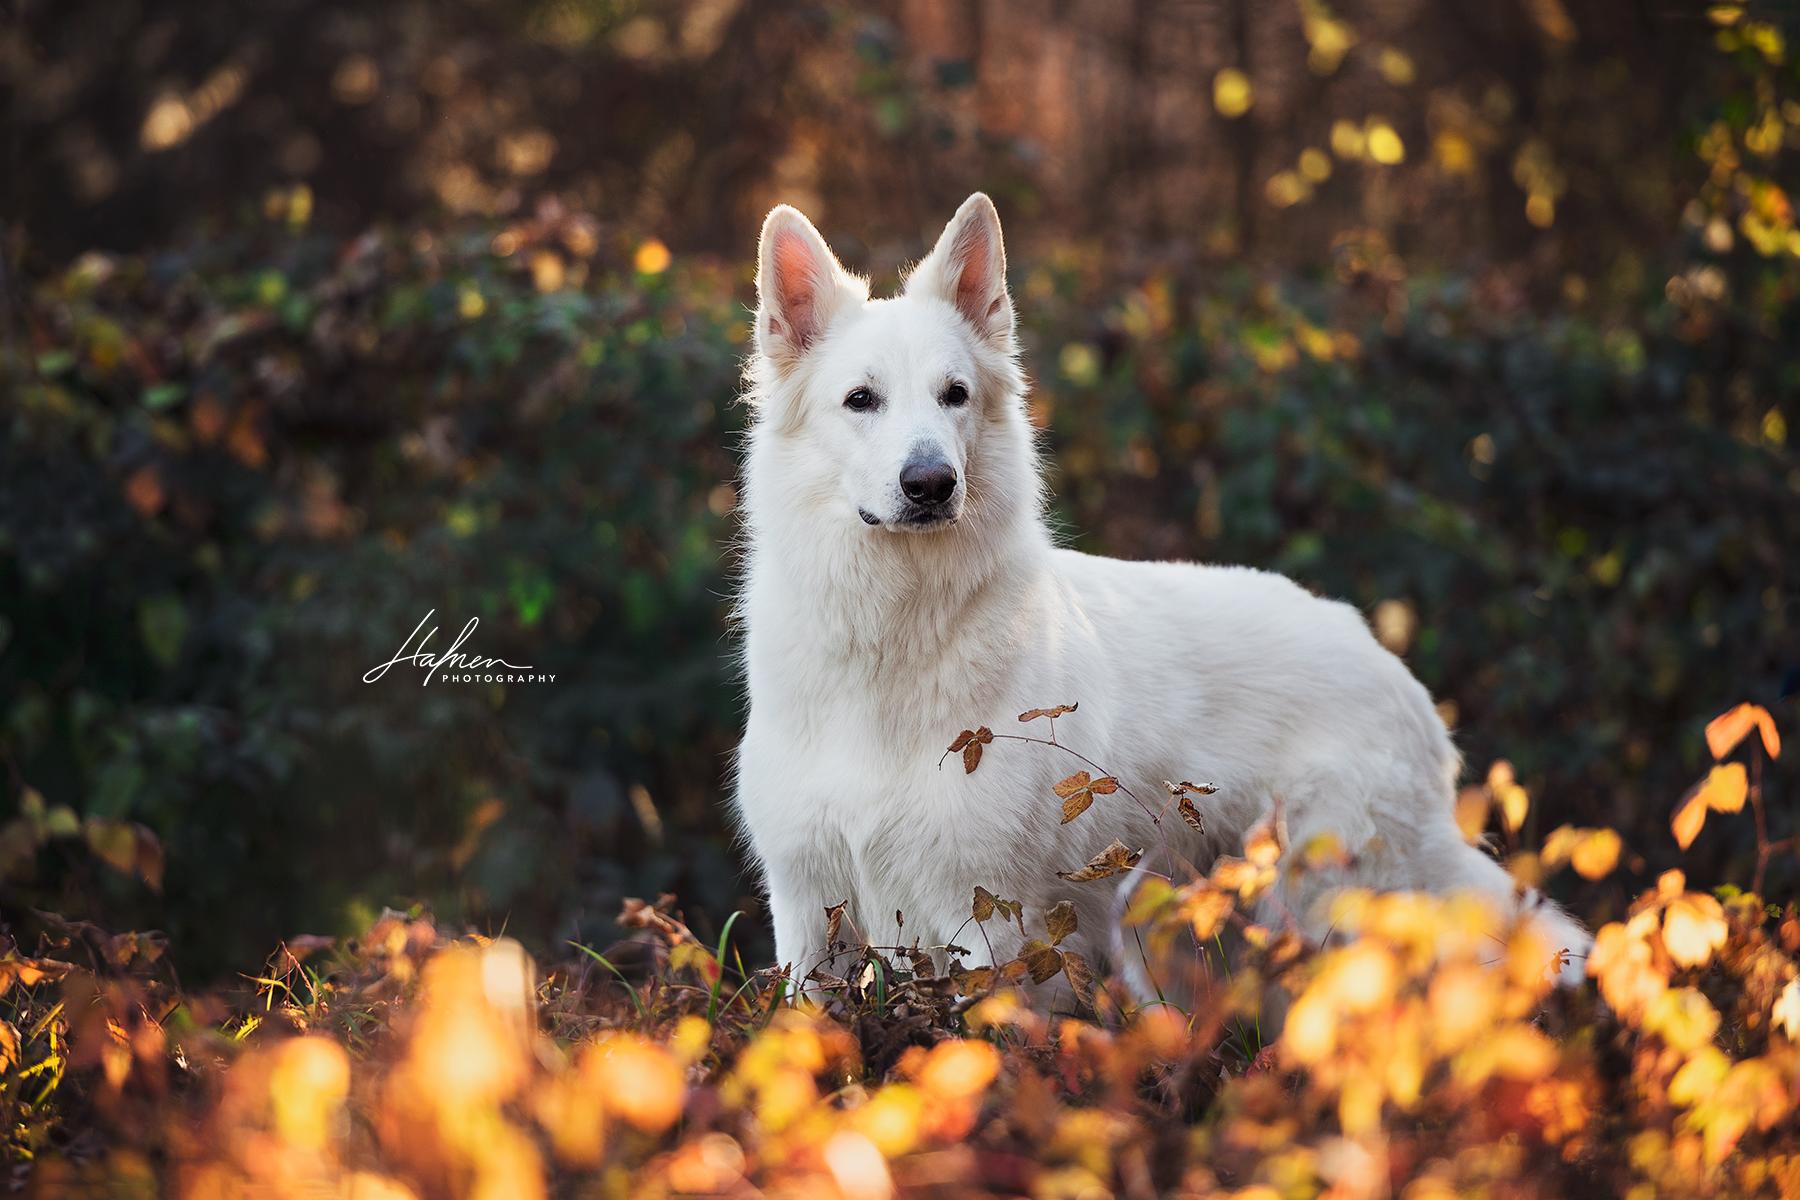 Weisser schweizer Schäferhund steht im Sonnenaufgang im